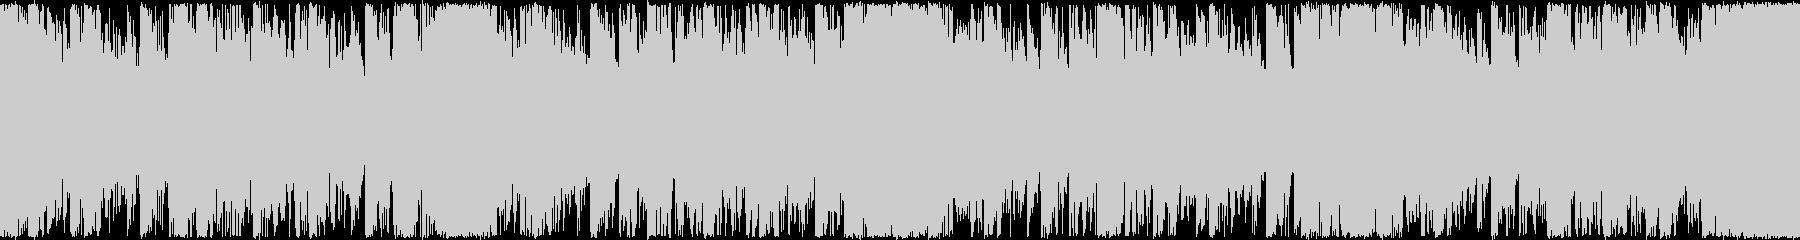 シンセEDMループBGMメインシンセ無しの未再生の波形